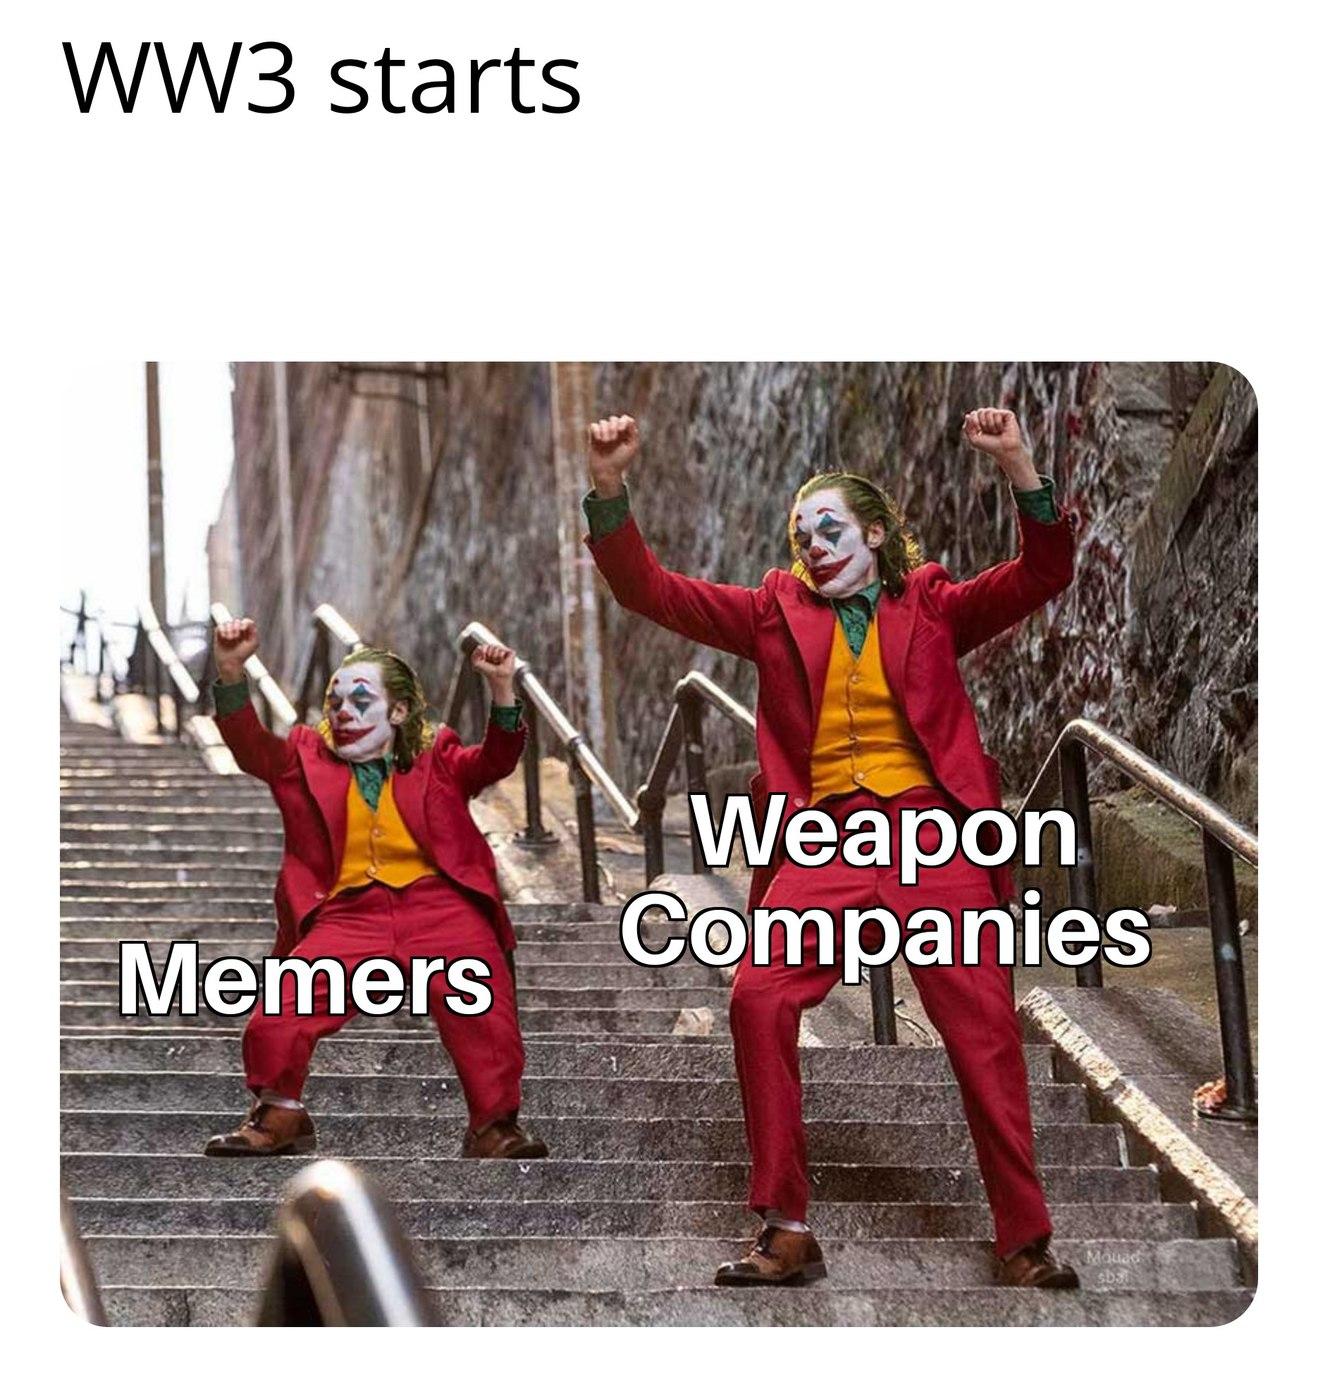 World War memes are best